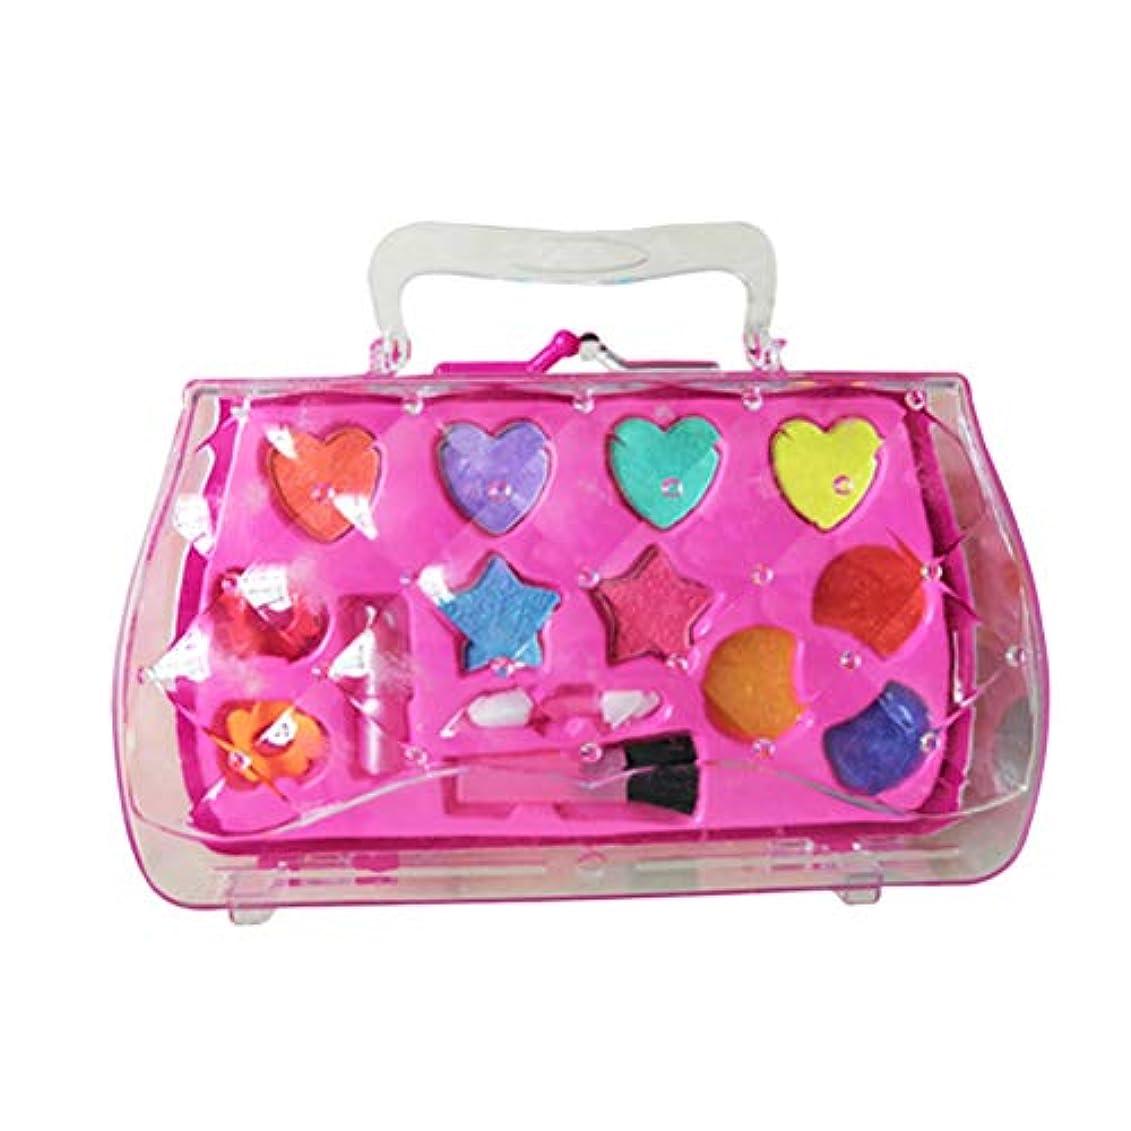 チャレンジ文香ばしいToyvian 女の子はおもちゃのセットを作る化粧品キットの口紅アイシャドーブラシ子供のためのおもちゃを作る女の子(ピンク)